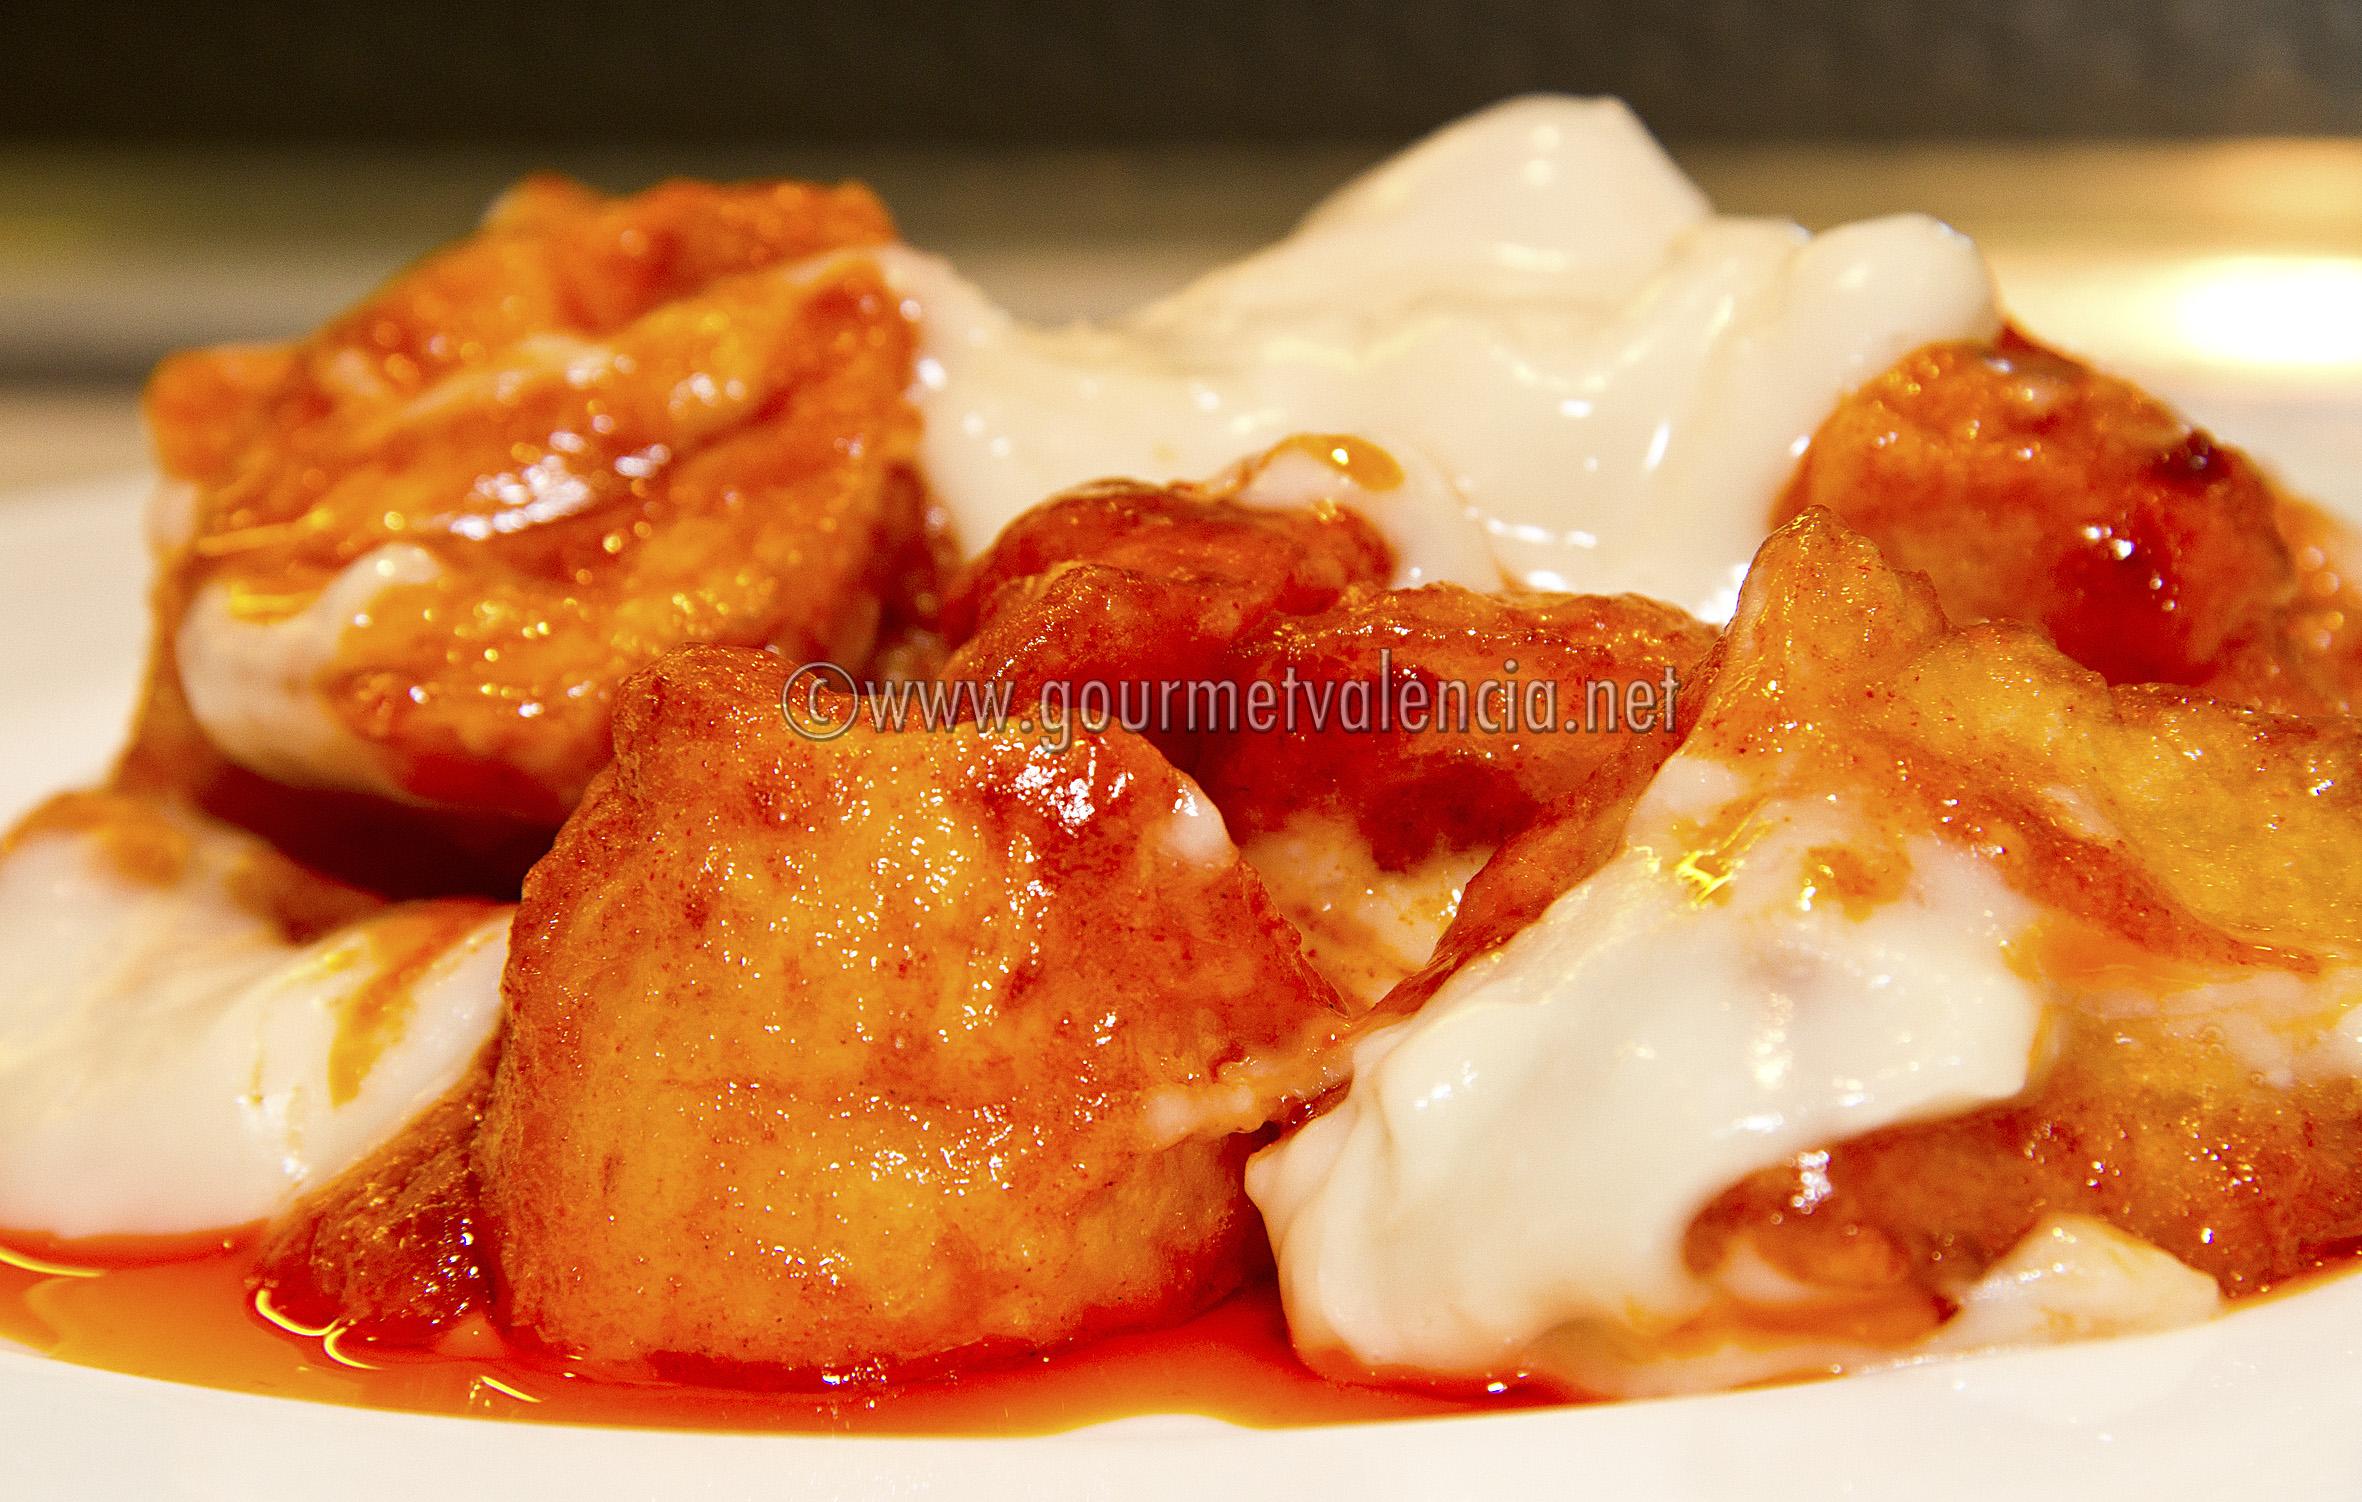 ... tots patatas bravas with pimenton sauce potato tots bravas tortilla de